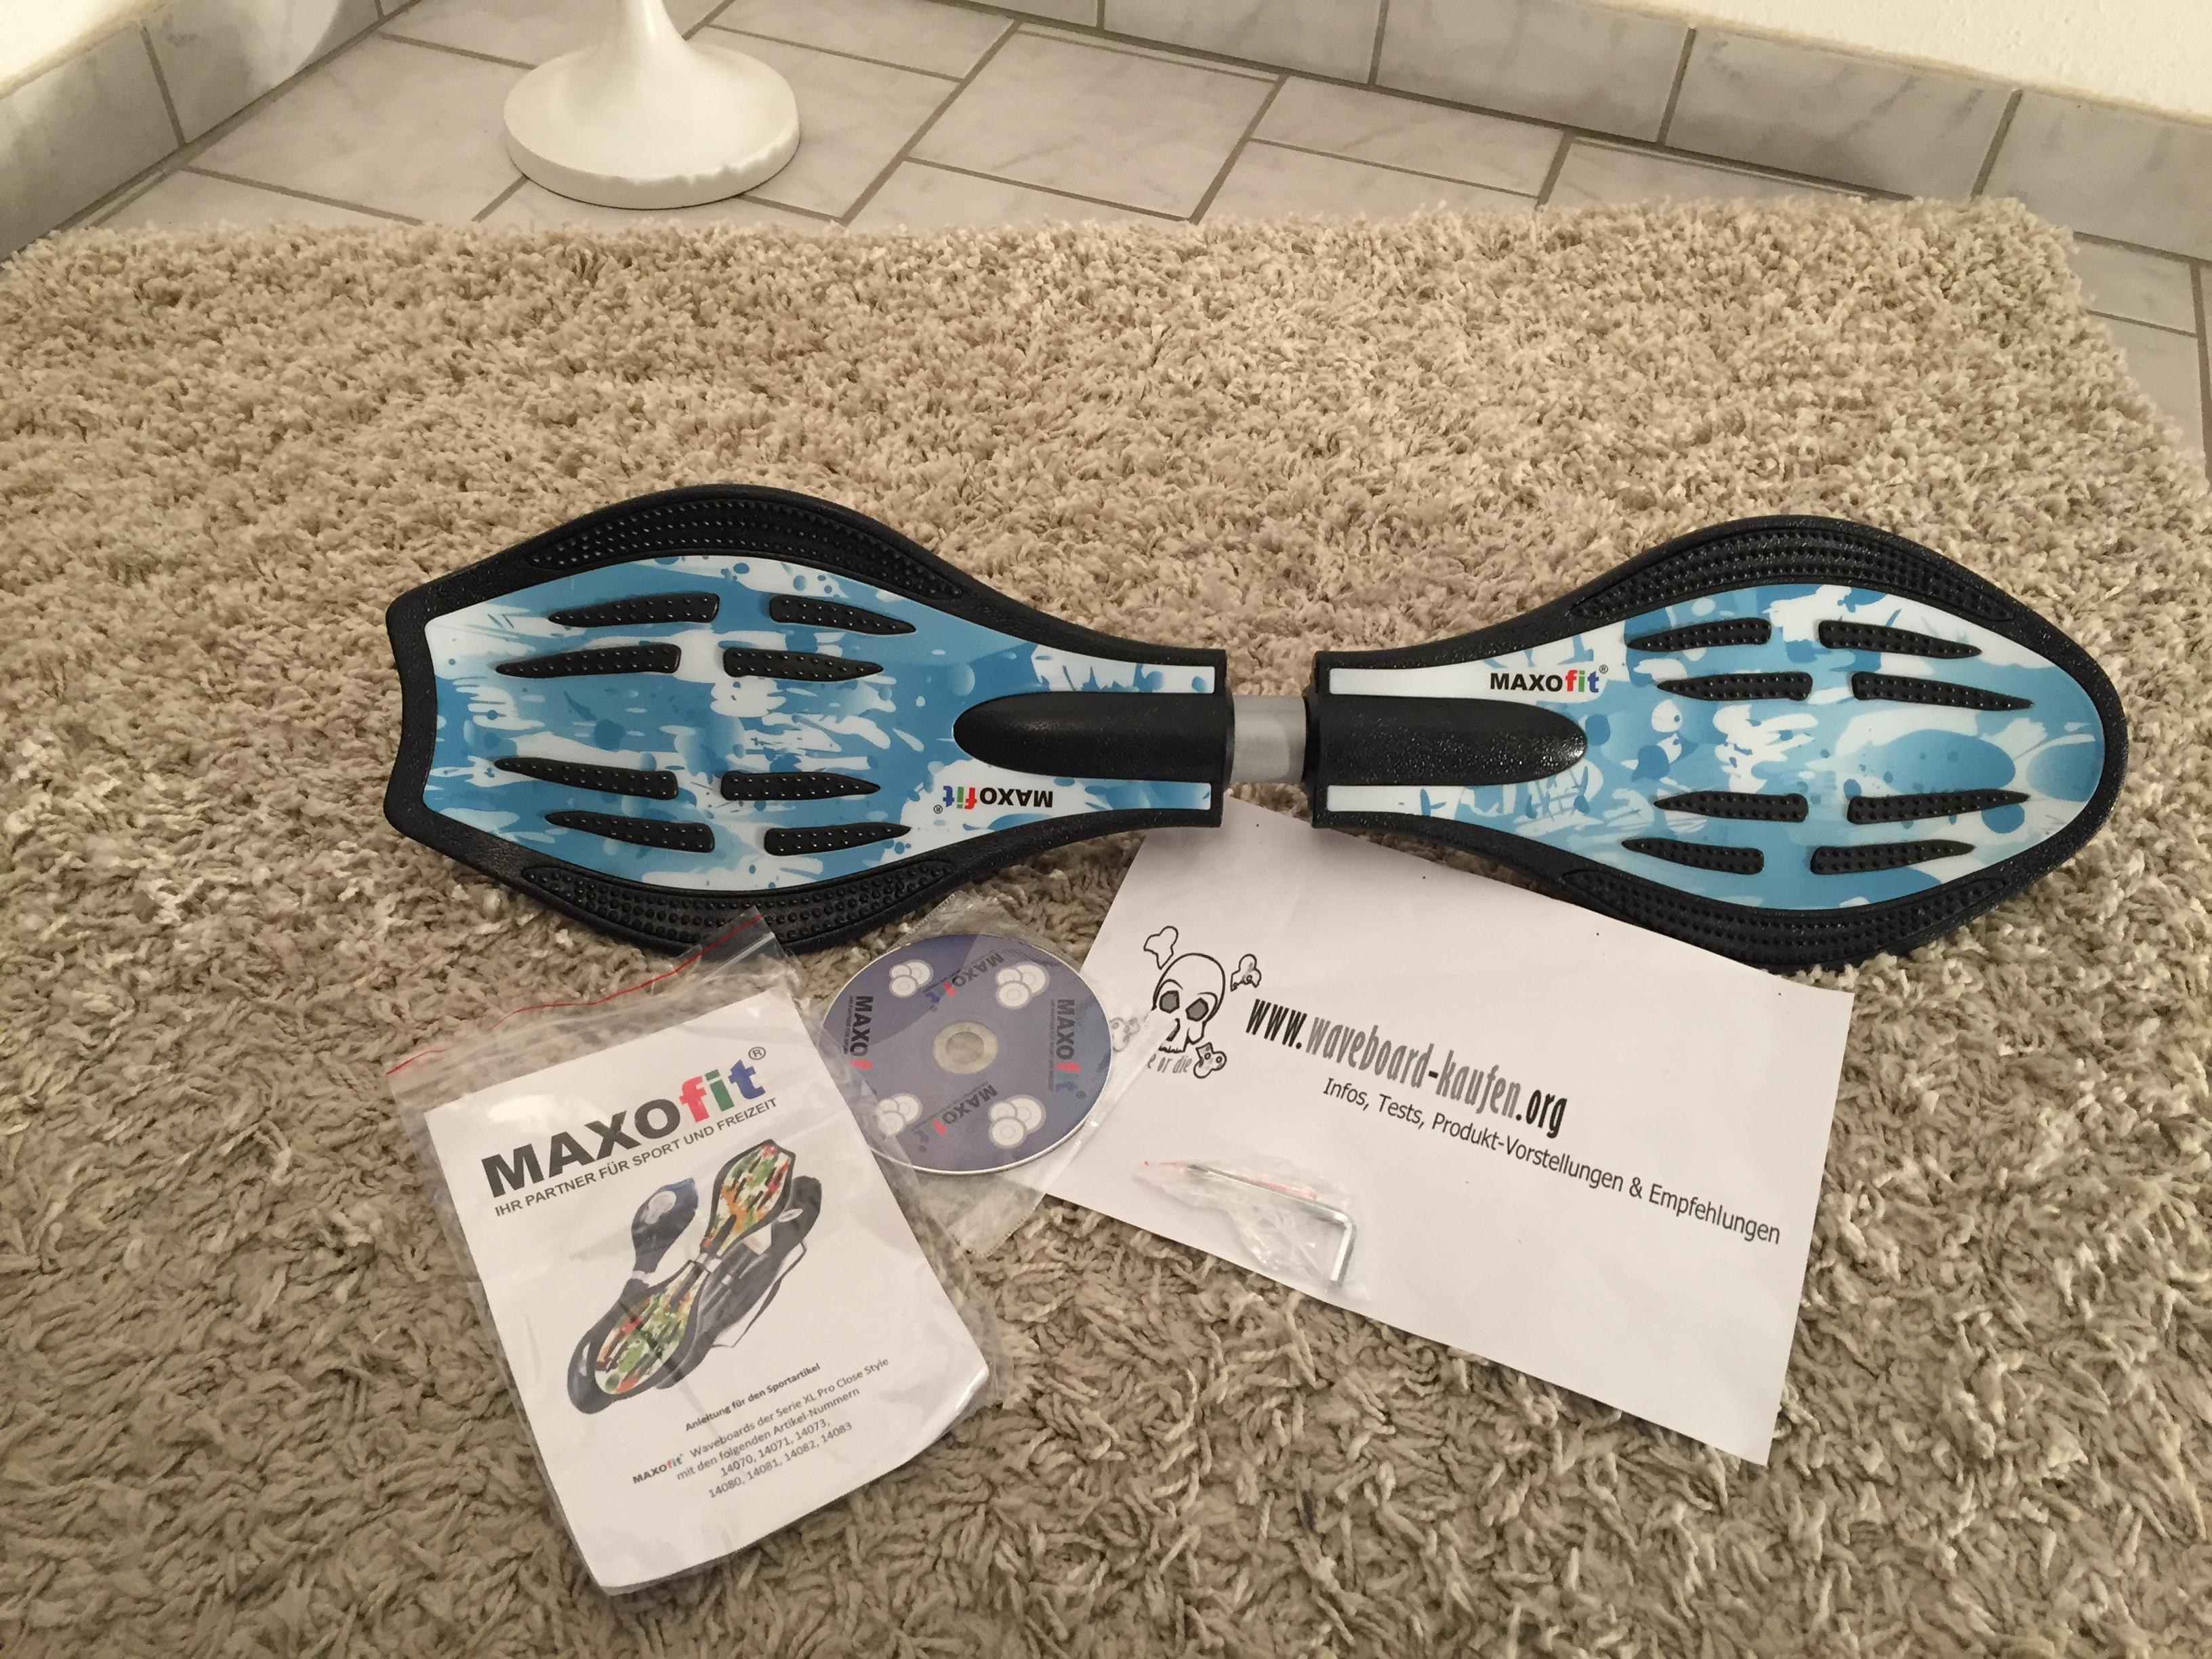 Das Maxofit pro close mini Casterboard von oben (Deckseite), Werkzeug, CD und Anleitung